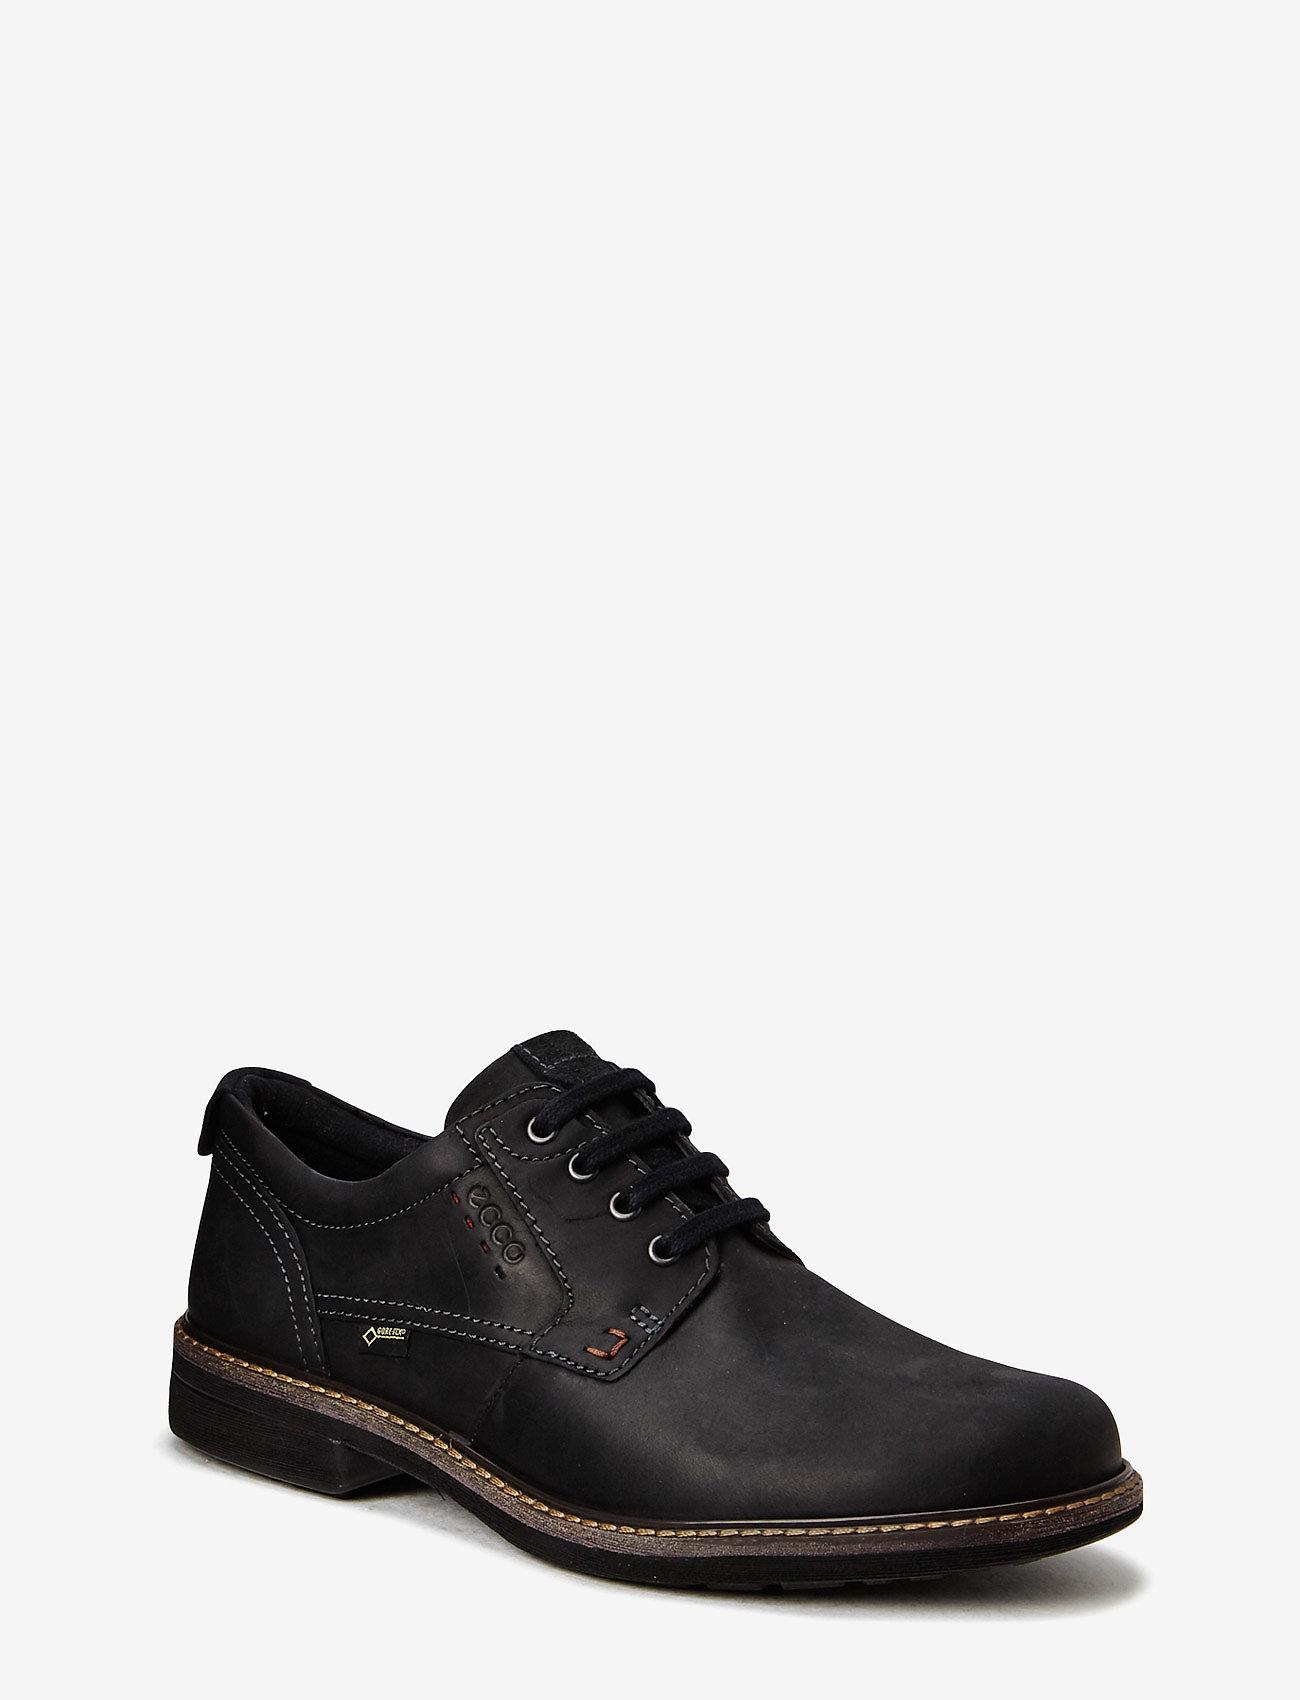 ECCO - TURN - Šņorējamas kurpes - black/black - 0